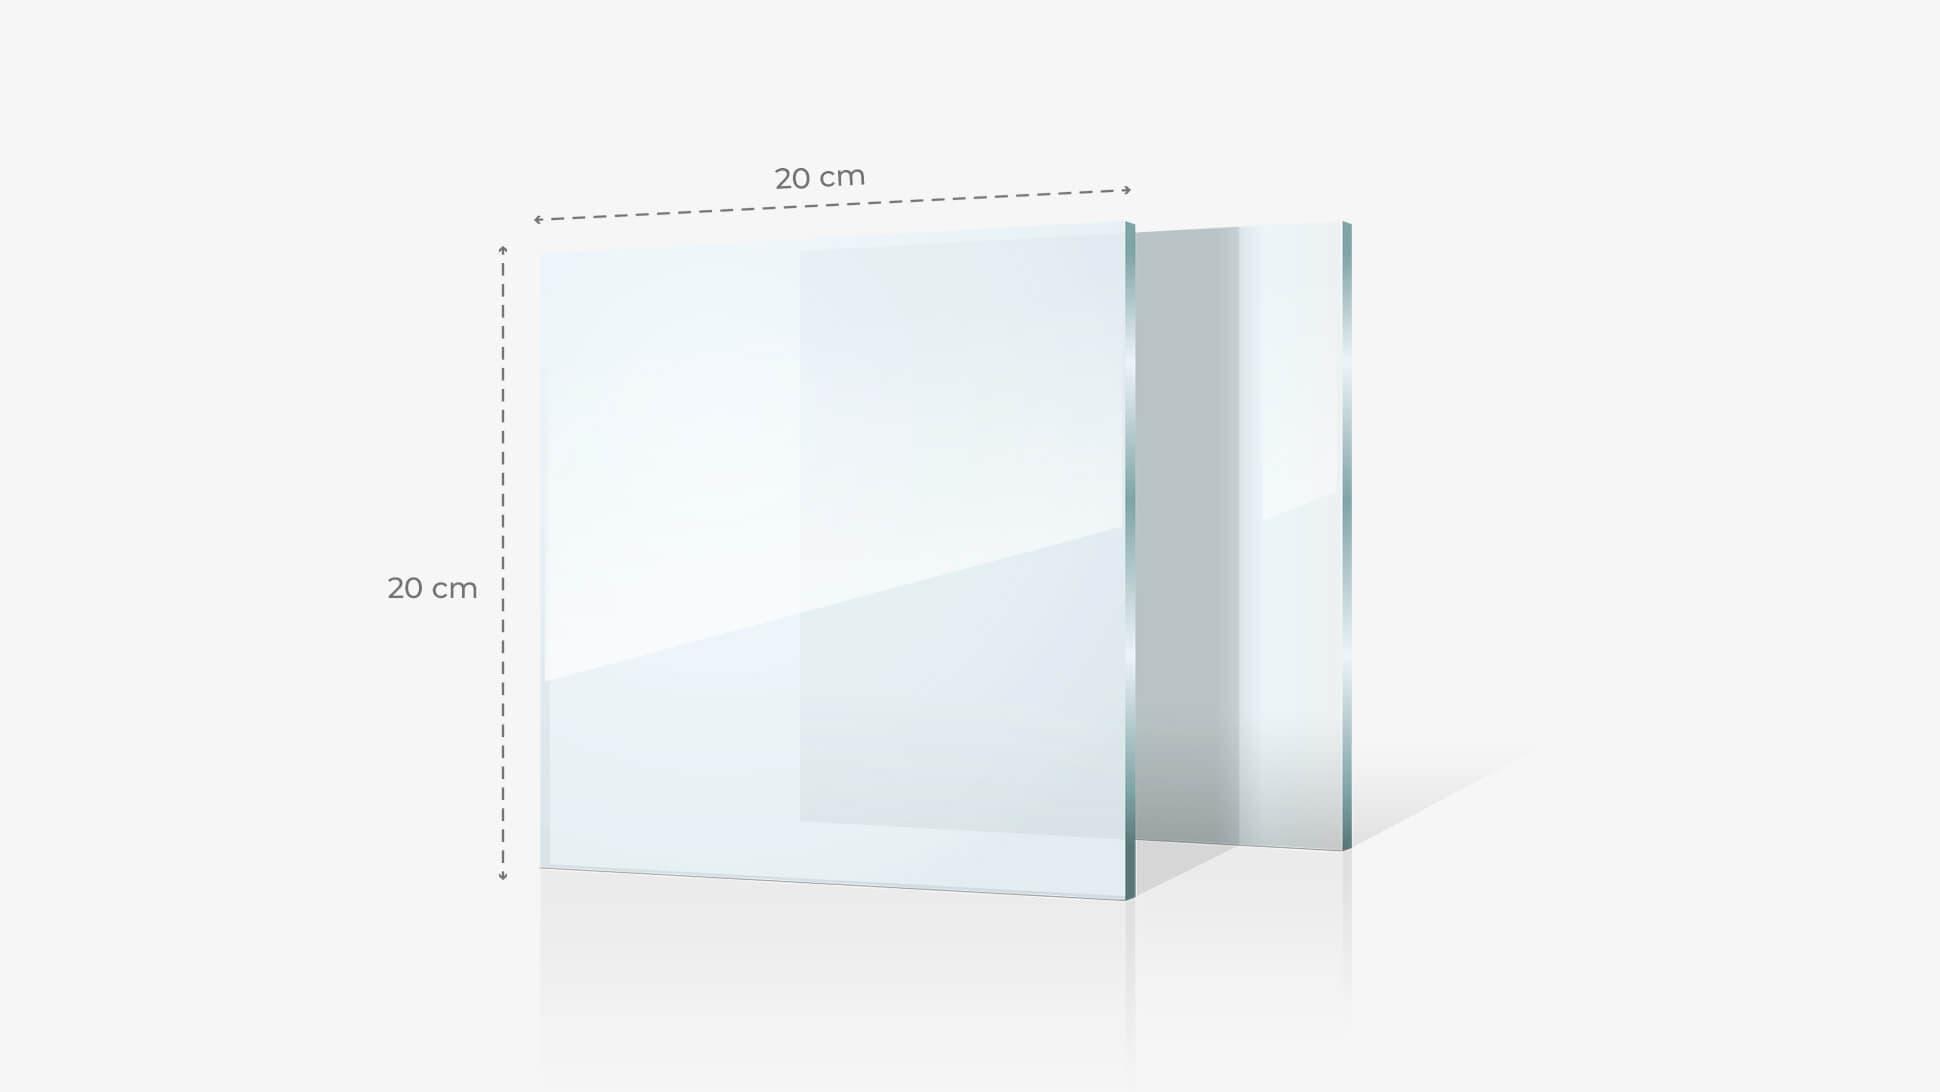 Foto su vetro acrilico 20x20 cm | tictac.it